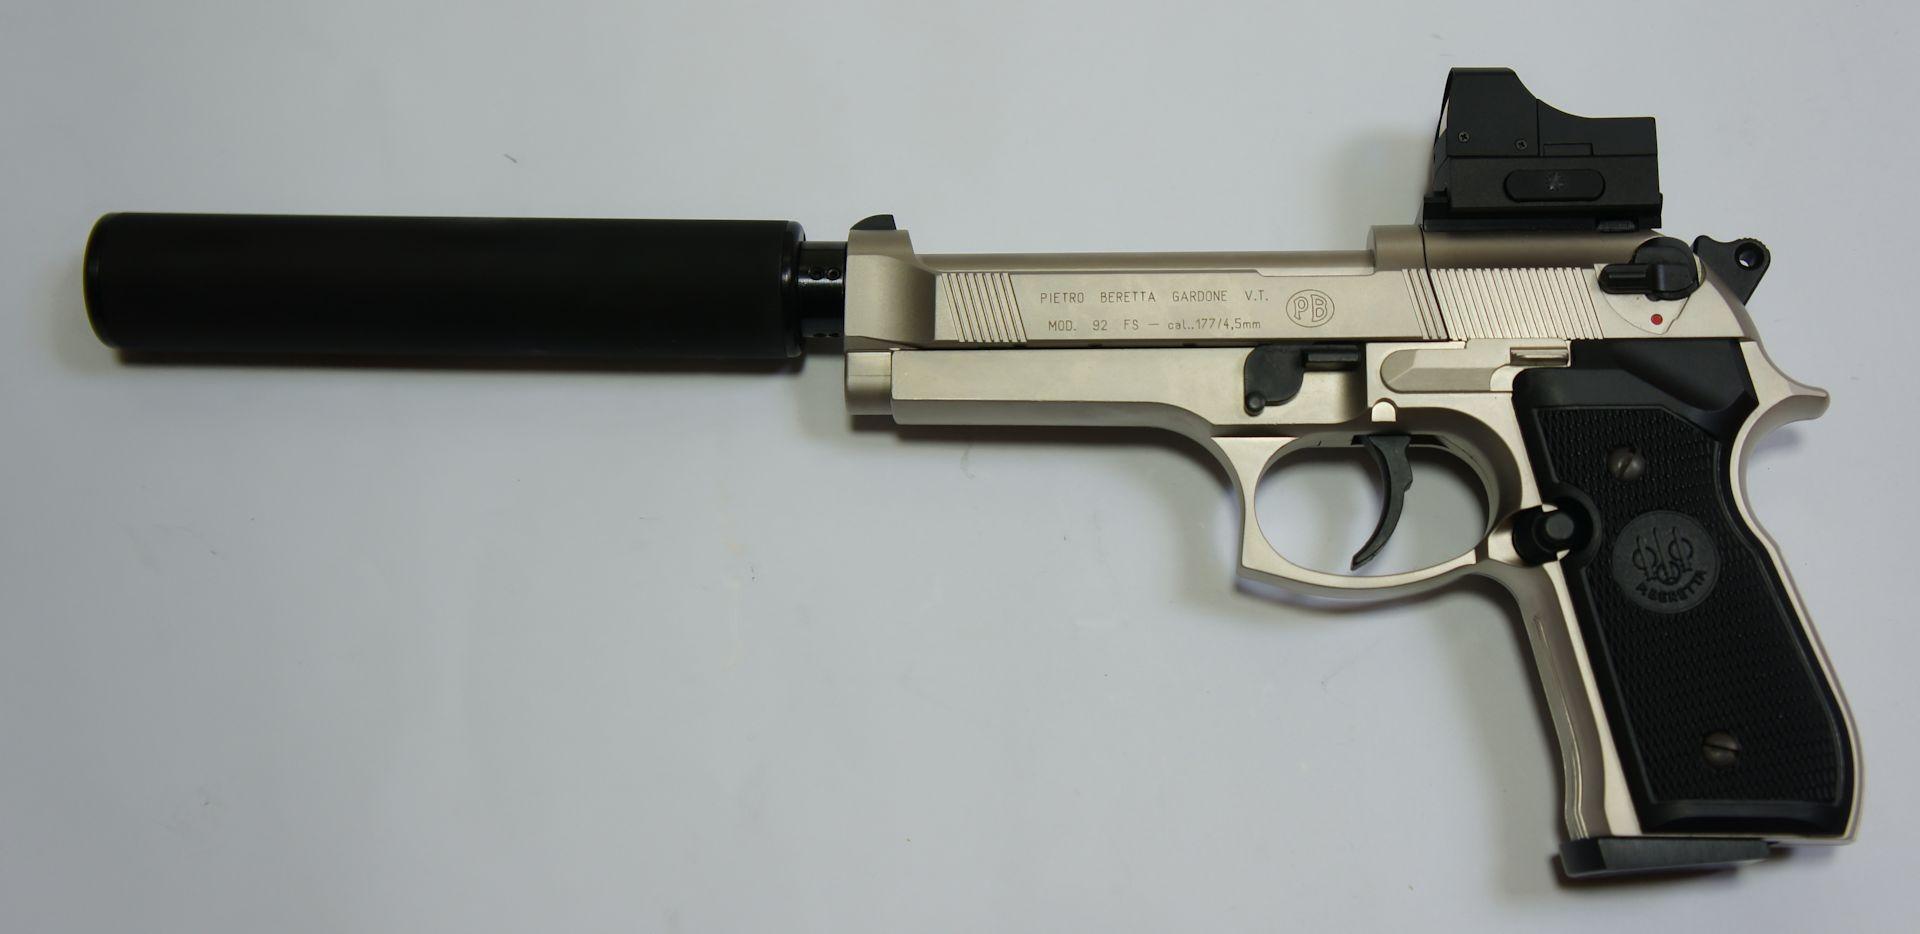 An so einer vernickelten CO2 Pistole Beretta wird als Montagebeispiel gezeigt, dass als Zubehör hier auch  ein wirkungsvoller <a href=1165832.htm>Schalldämpfer mittels Adapter</a> passt. Optiken, wie <a href=../1130222.htm>das abgebildete Reflexvisier</a>, erfordern  <a href=../1130675-92.htm>eine passende Montageschiene</a>